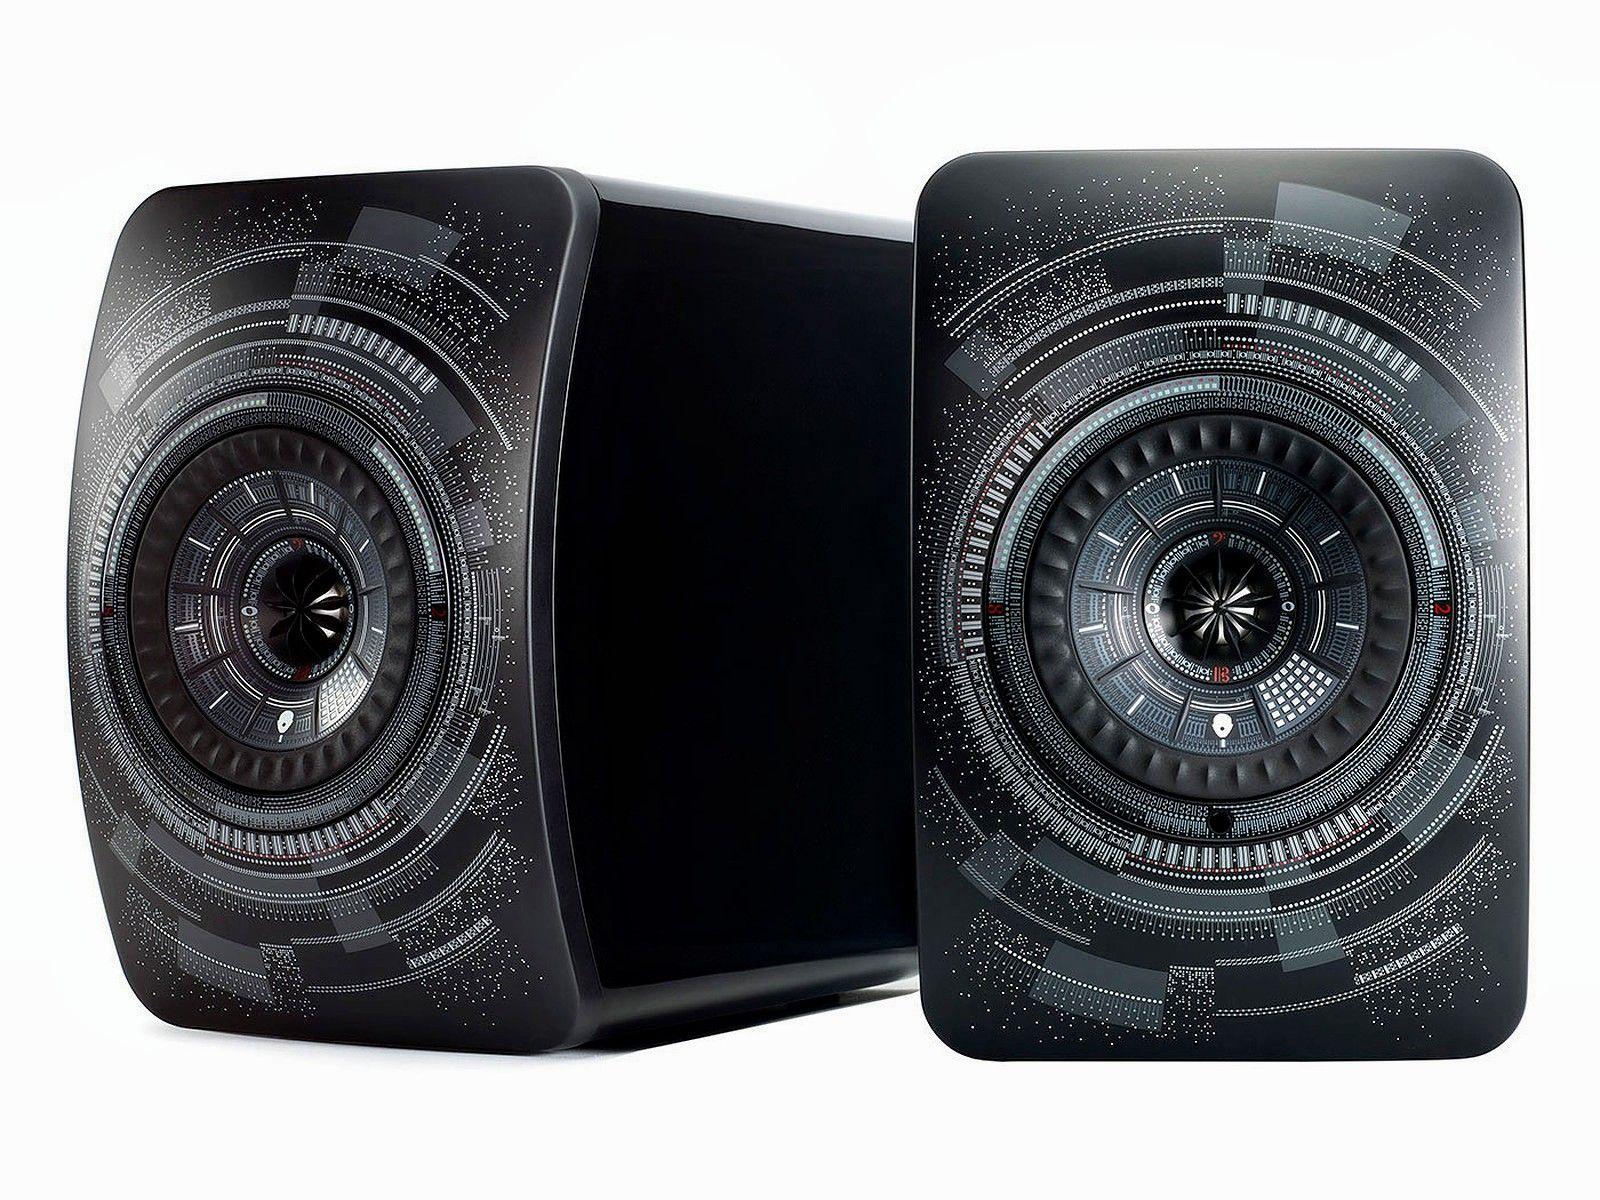 Paire d'Enceintes Actives - KEF LS50 Wireless - Edition Limitée Nocturne, ou Titanium Grey (Hifi-Schluderbacher.de)